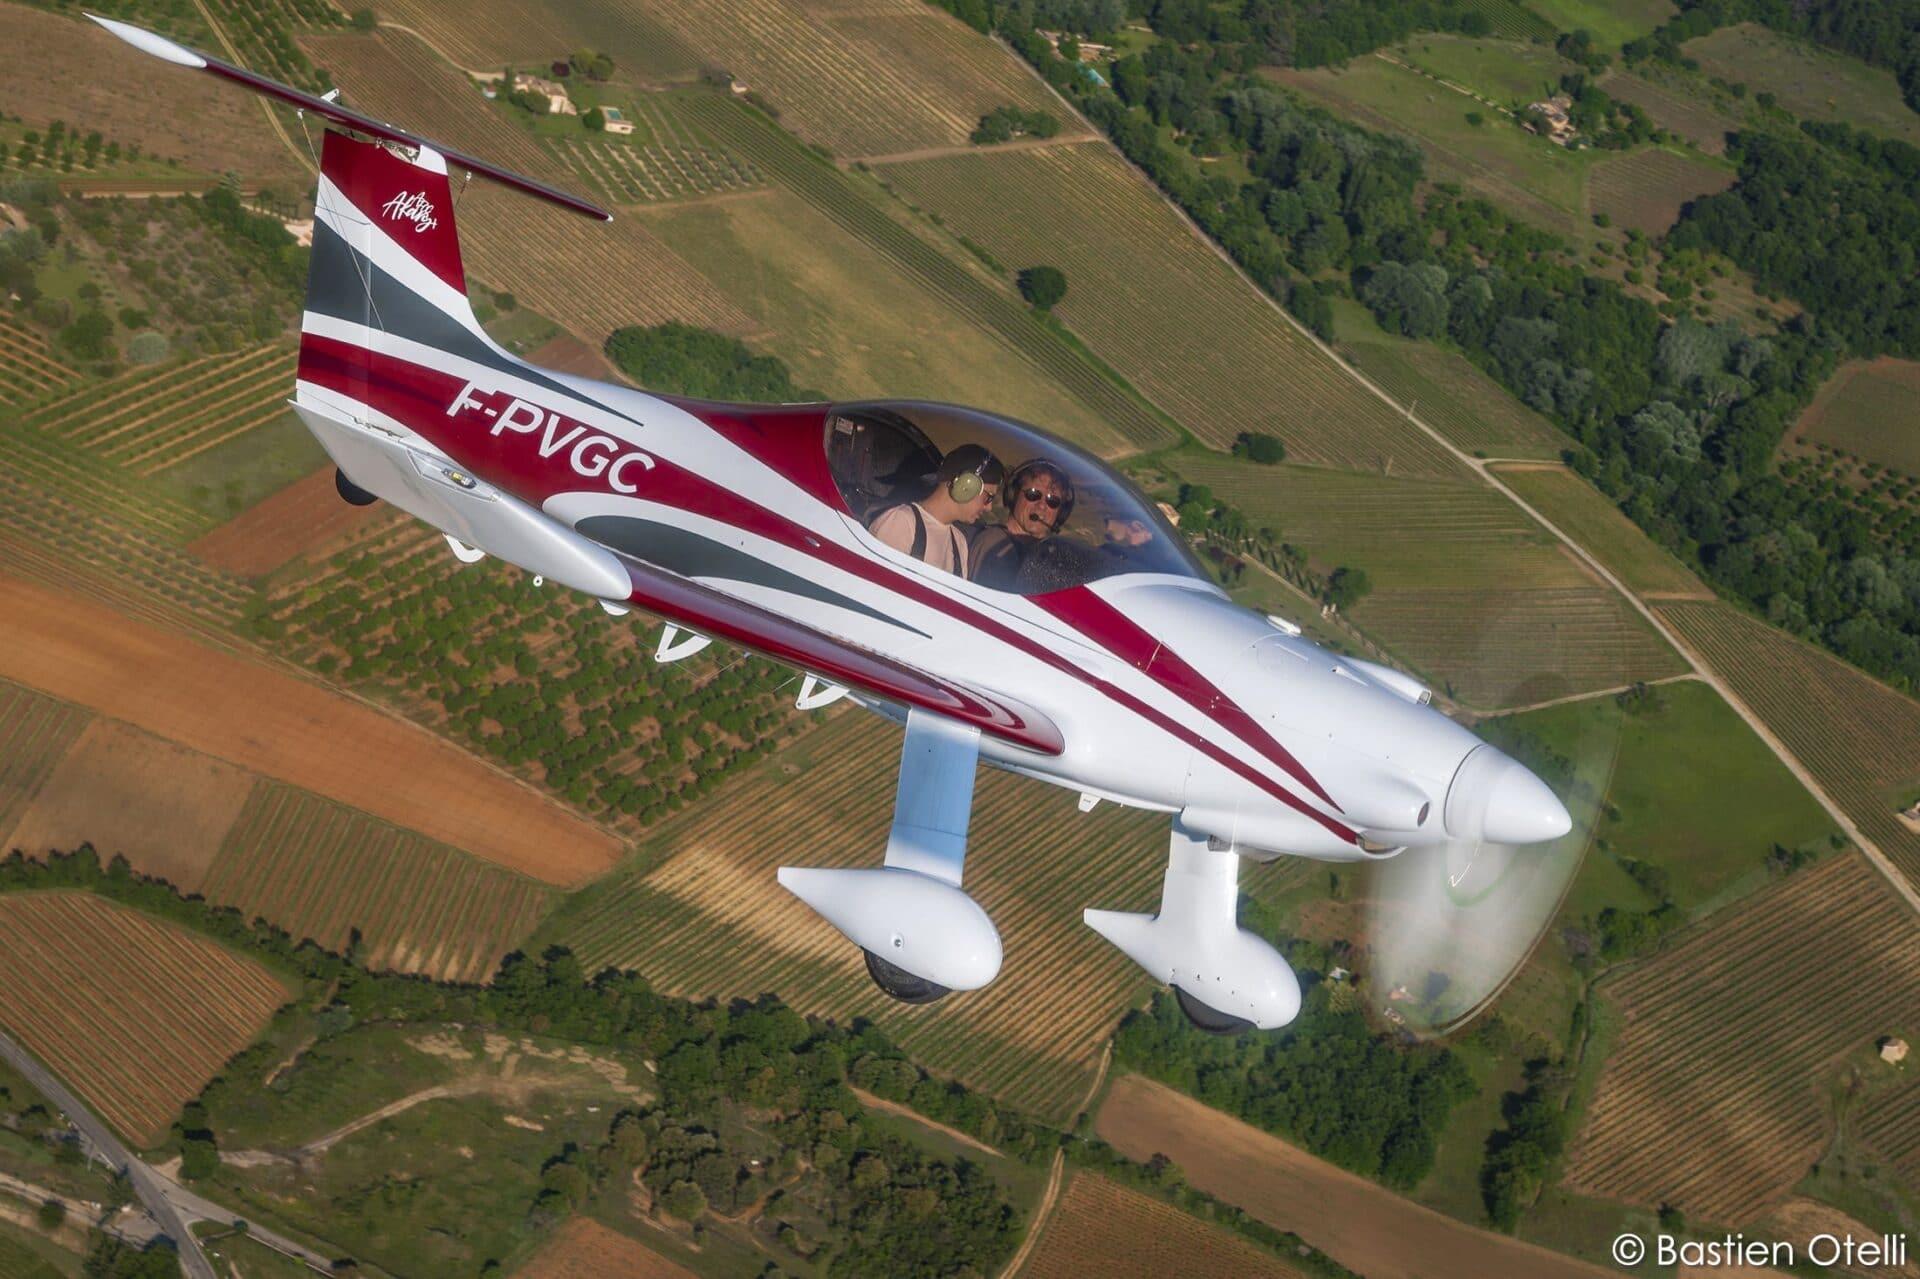 Modele Club / SPORTAGE  MCR Evolution - SE Aviation Aircraft   La référence mondiale en MCR